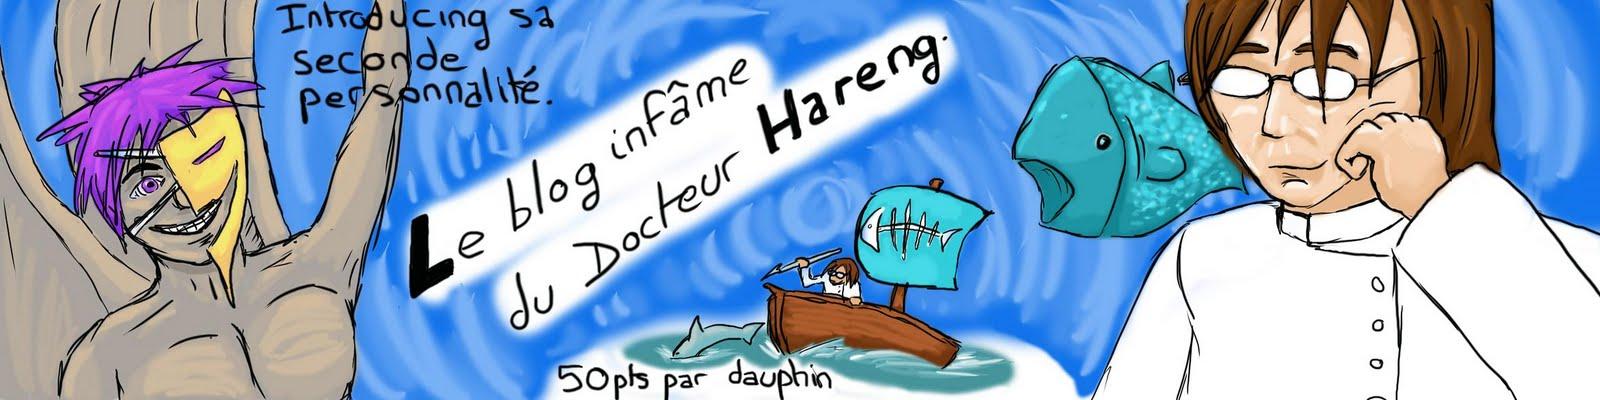 Docteur Hareng's show